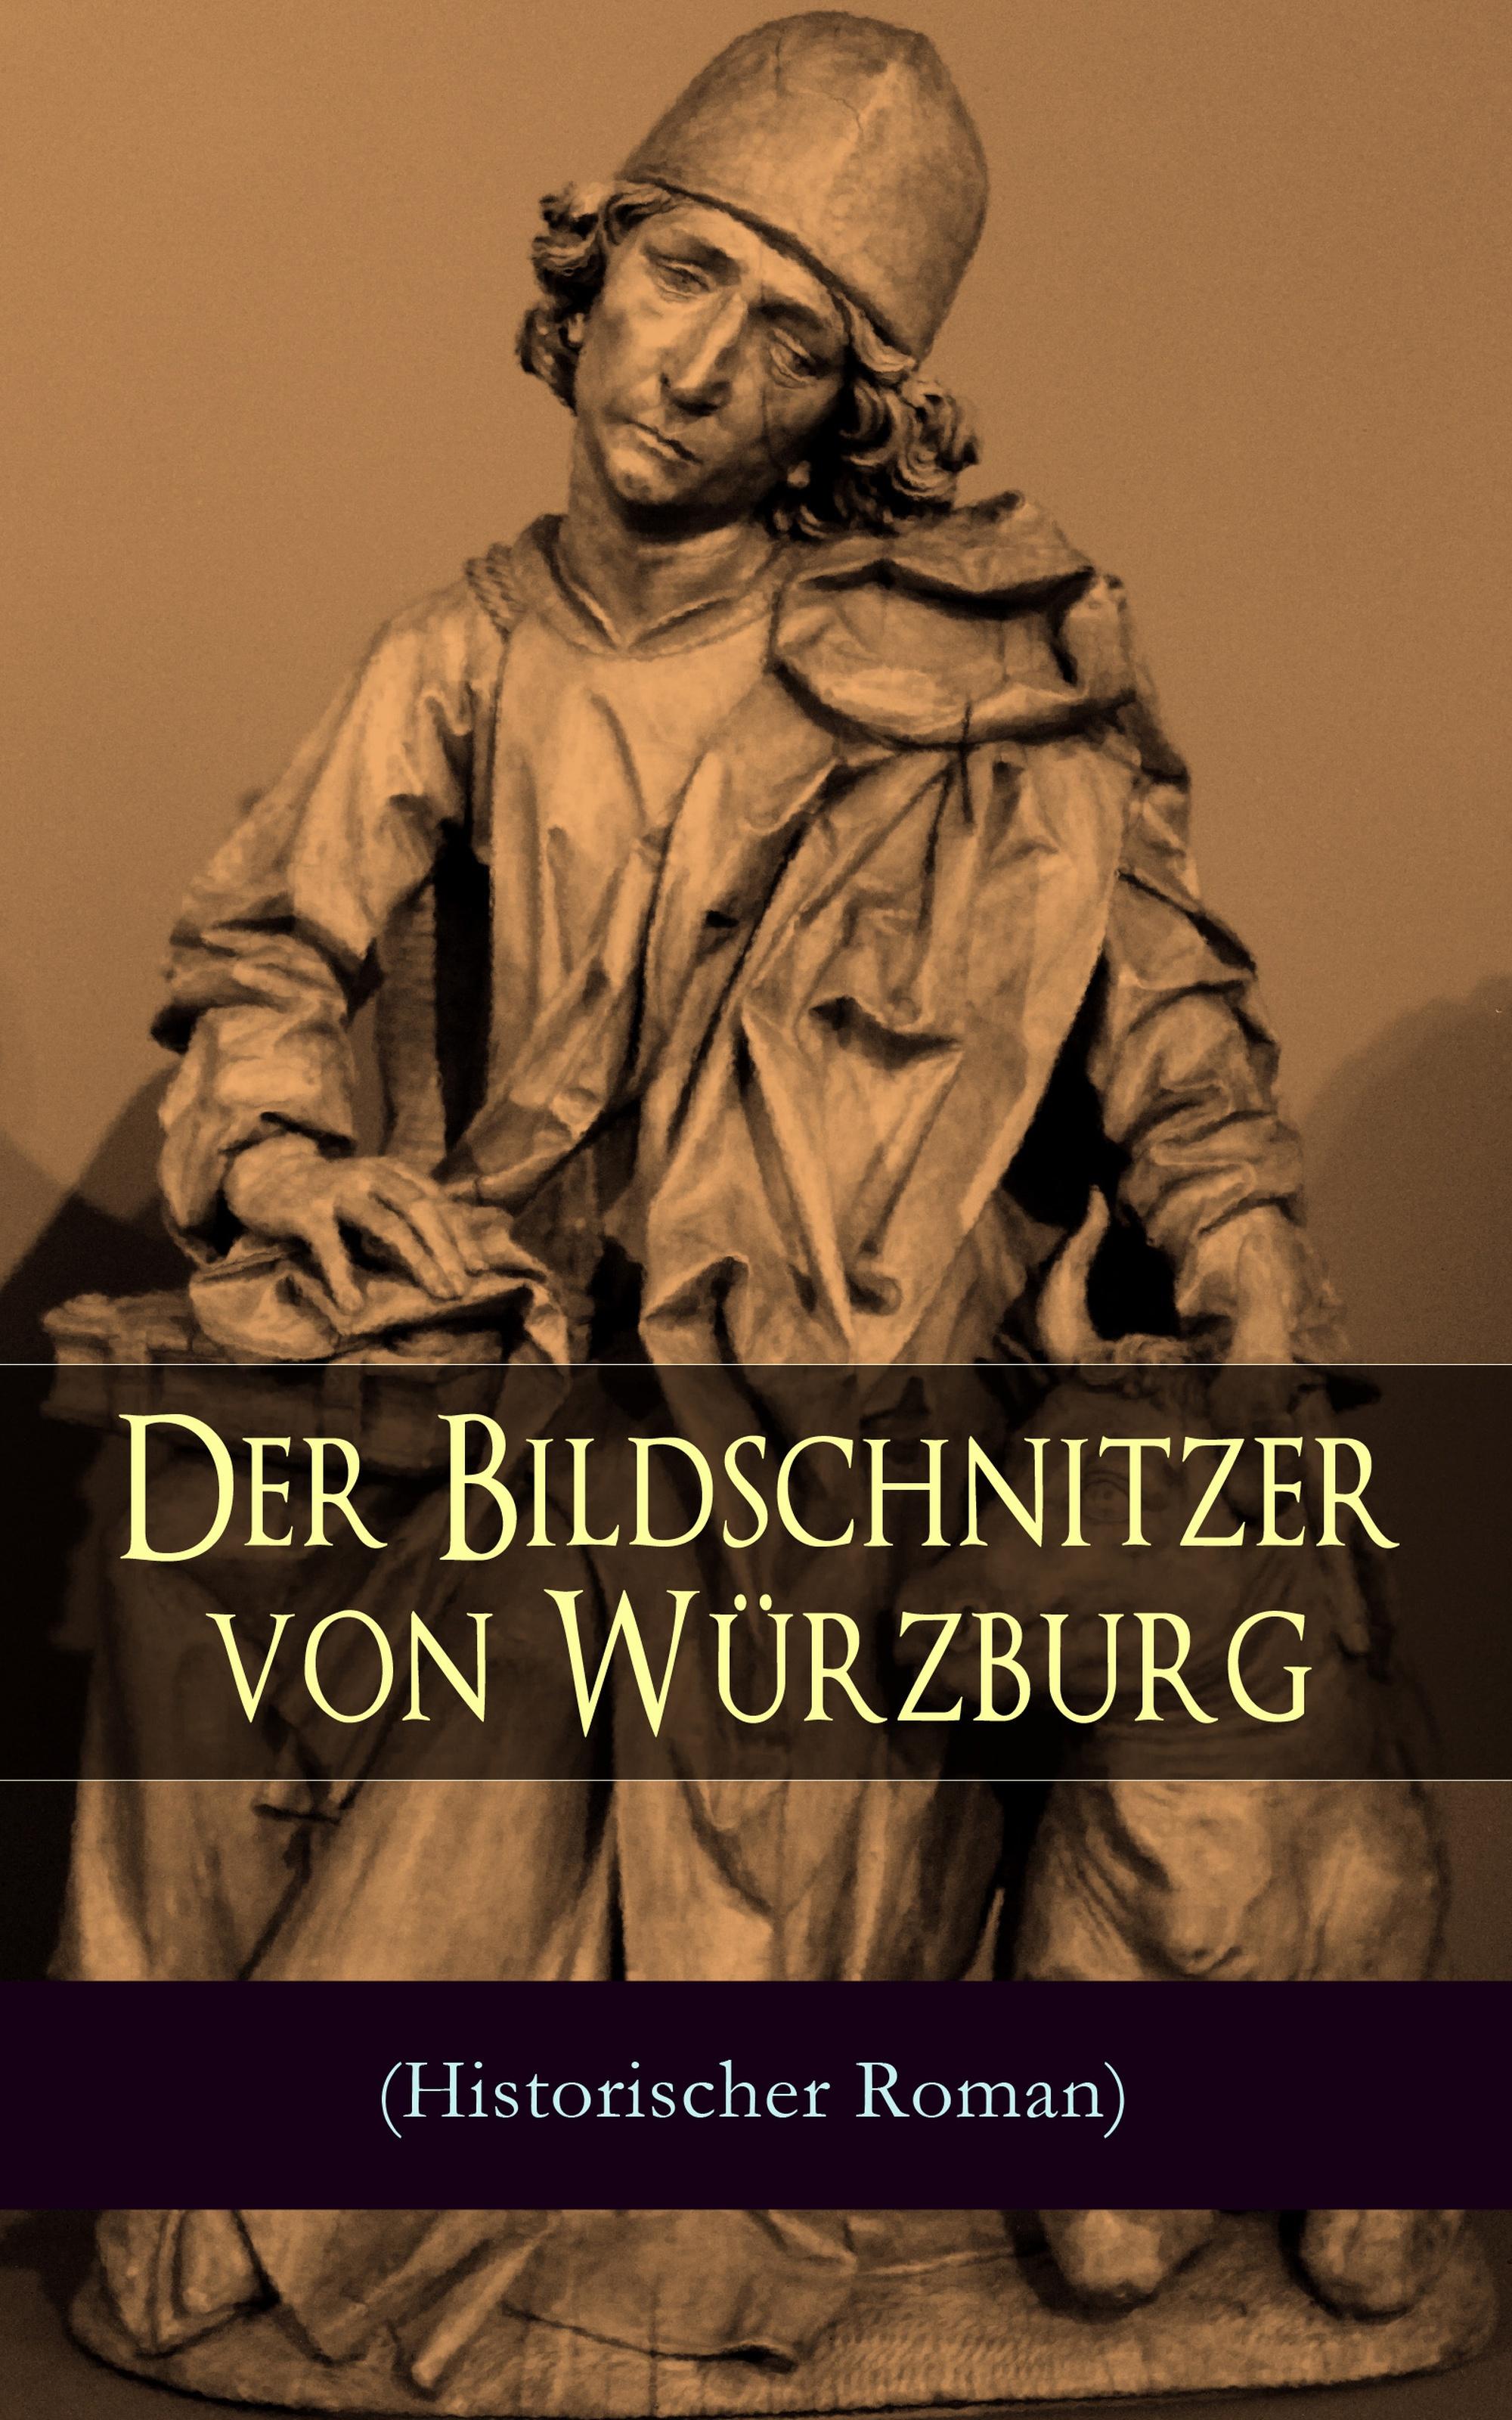 August Sperl Der Bildschnitzer von Würzburg (Historischer Roman) rebecca myga der deutsche regionalkrimi der roman vogelwild von richard auer